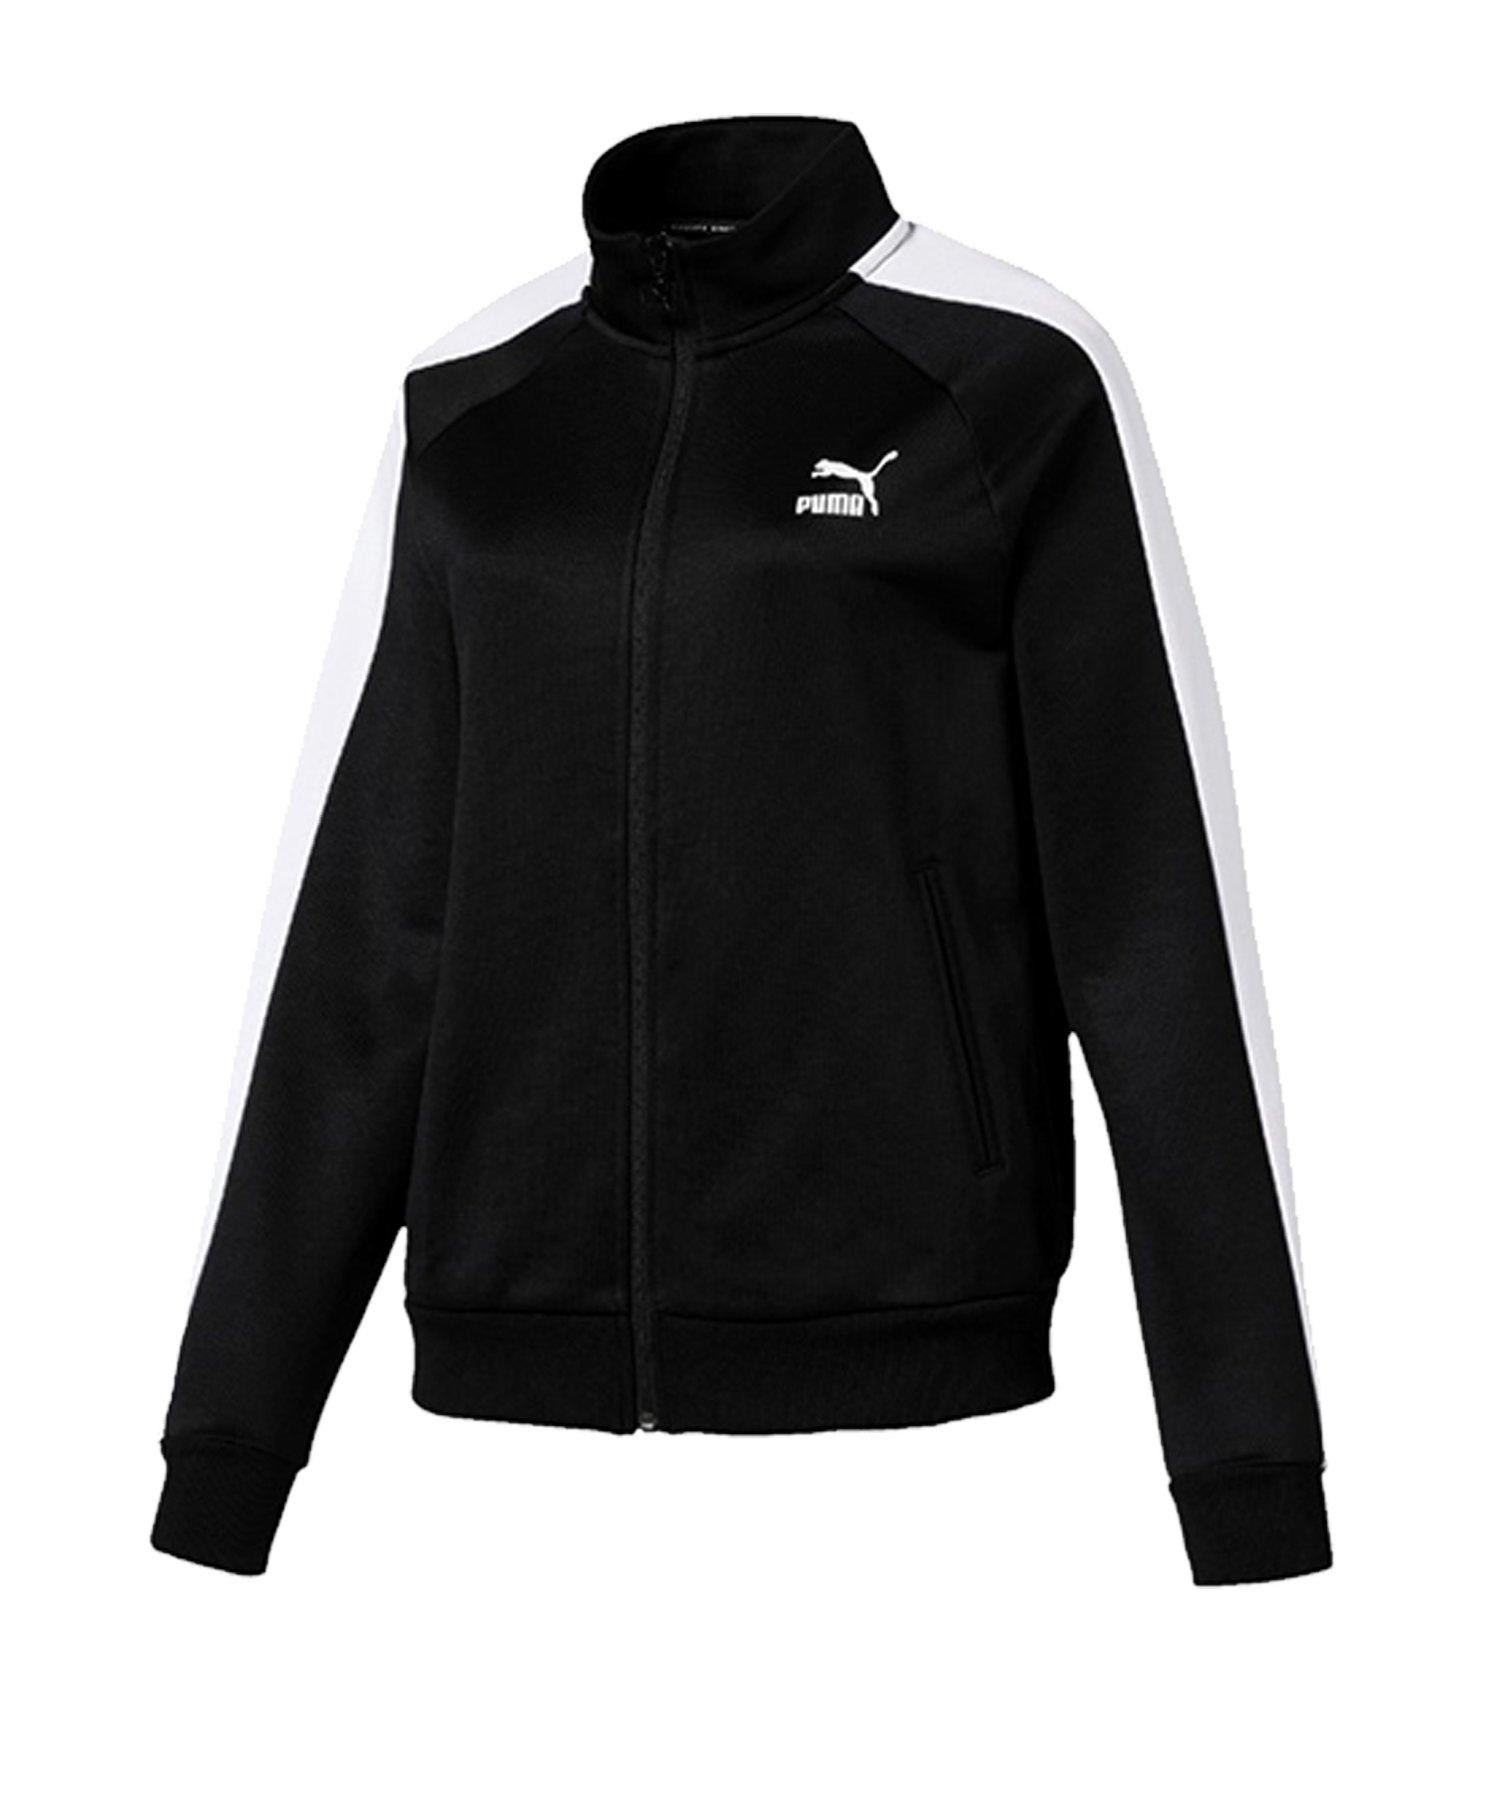 PUMA Classics T7 Track Jacket Jacke Schwarz F01 - schwarz